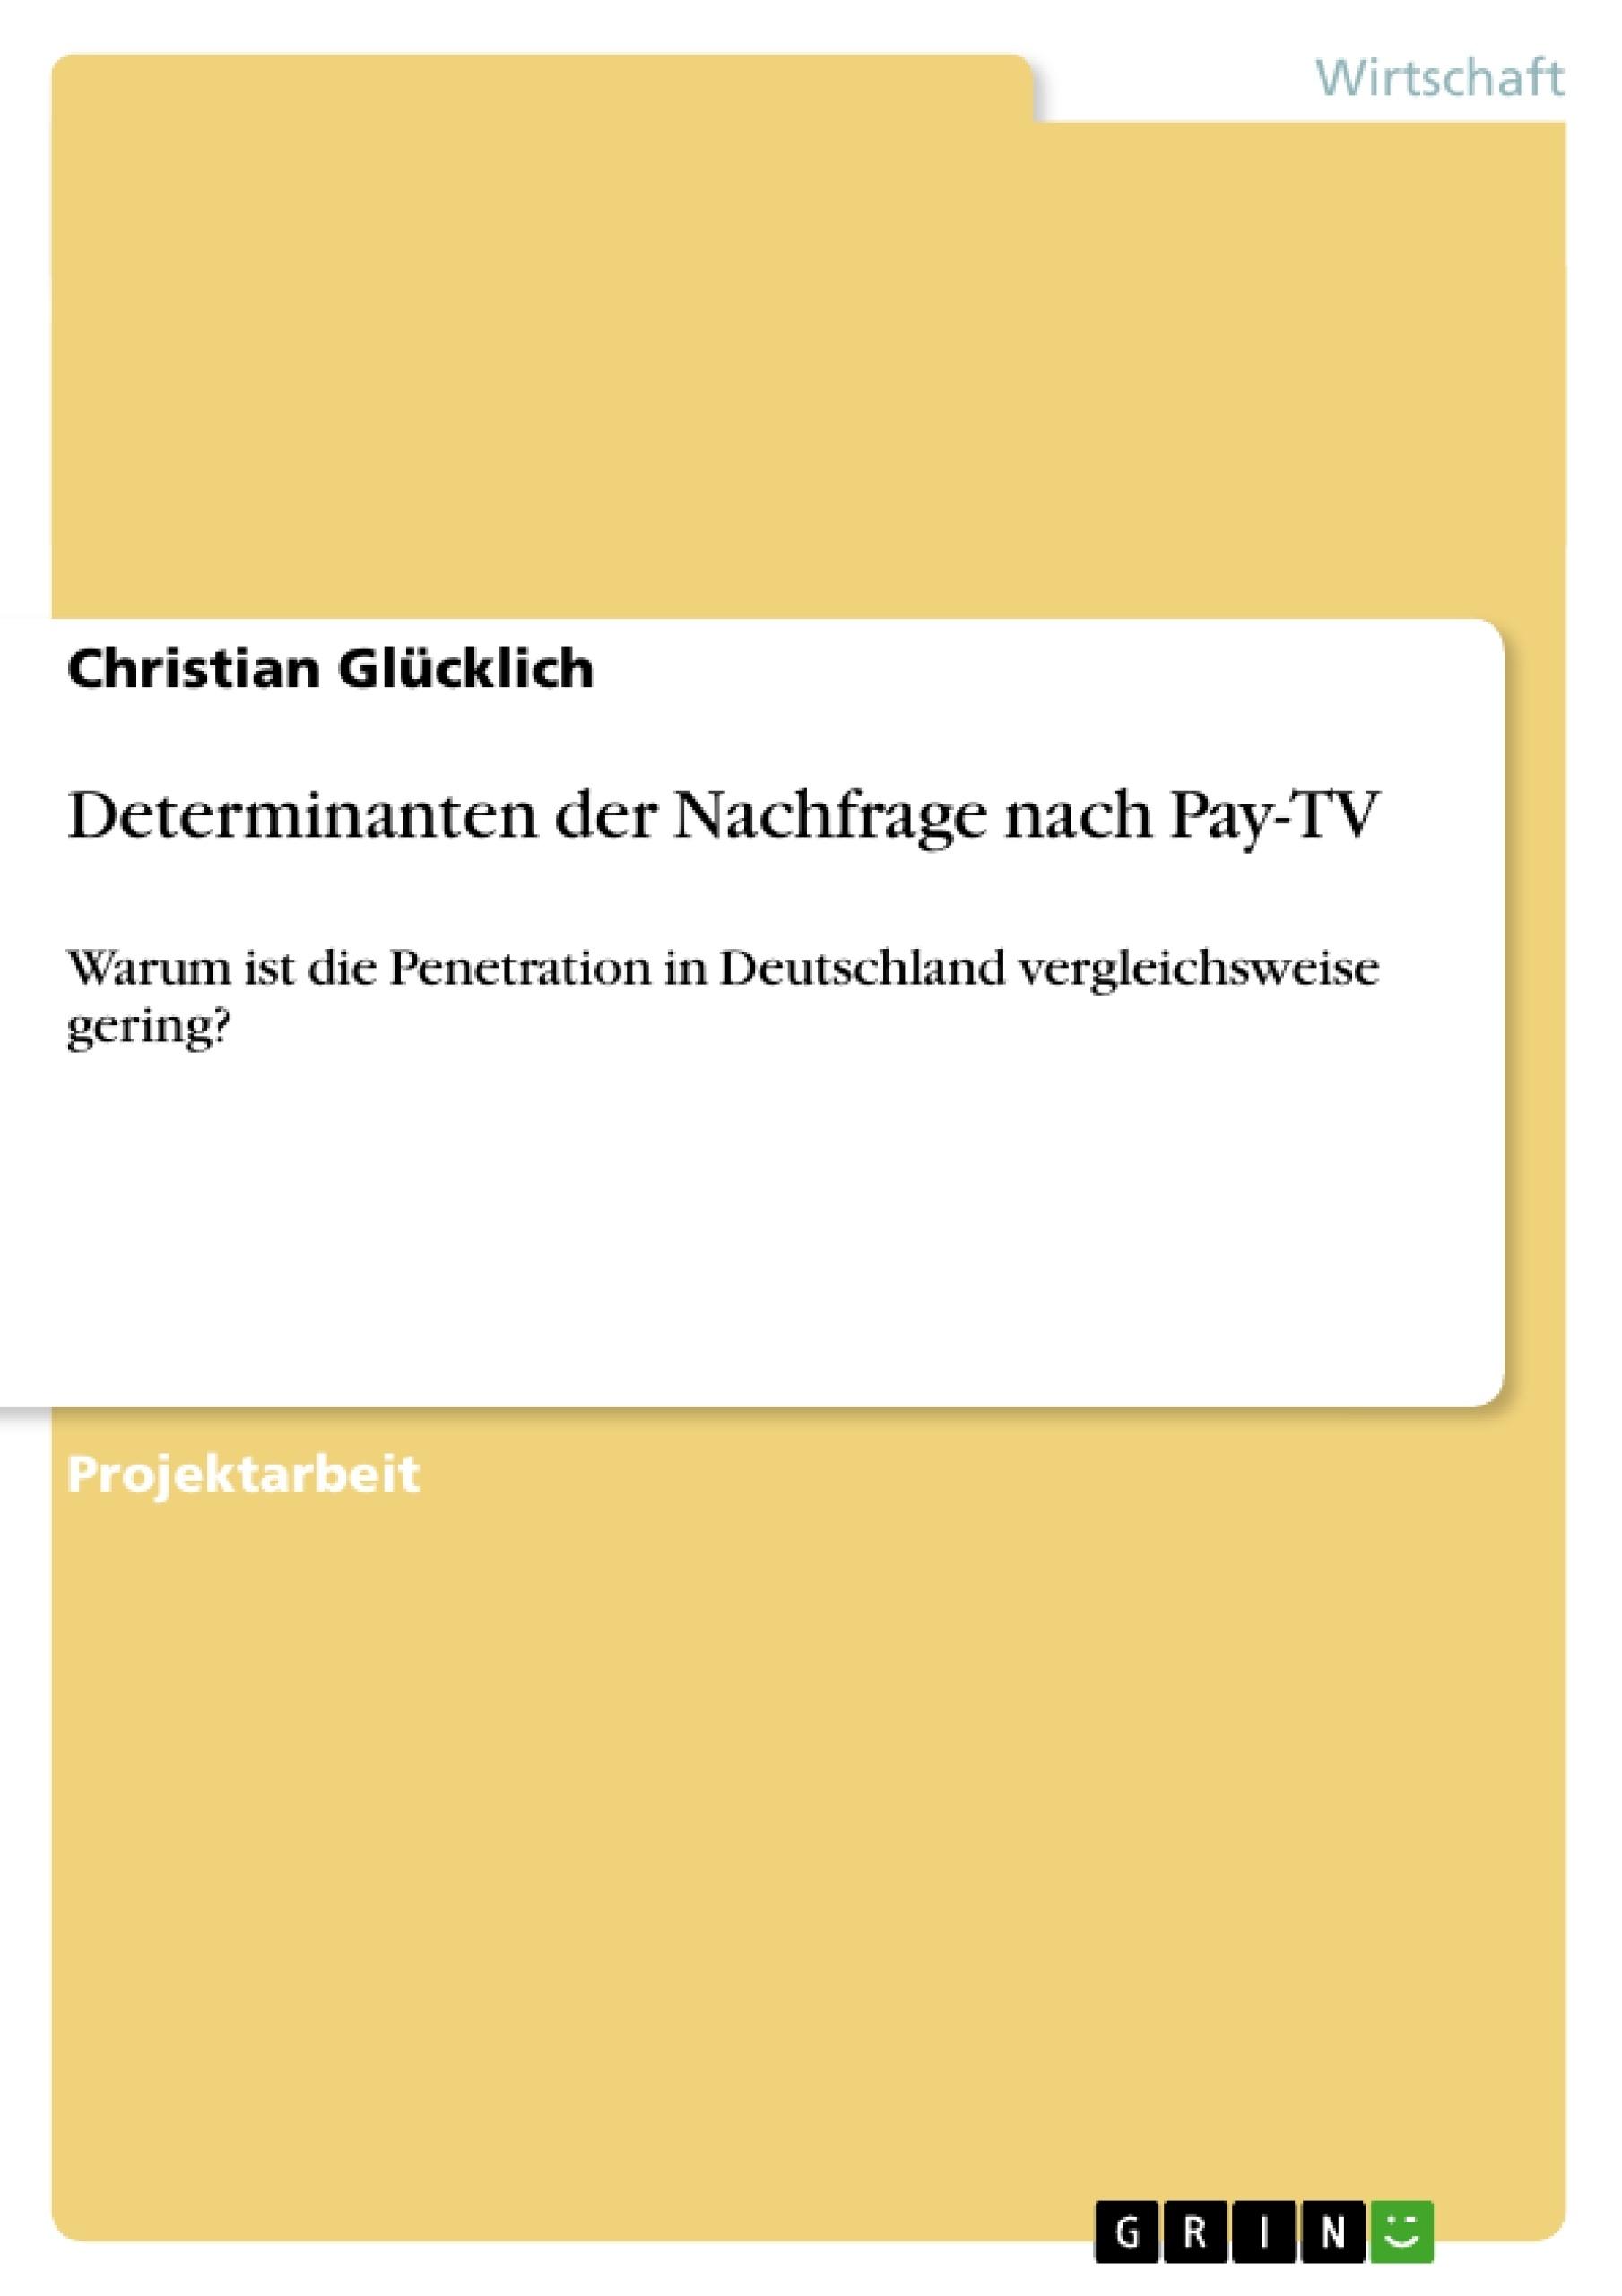 Titel: Determinanten der Nachfrage nach Pay-TV